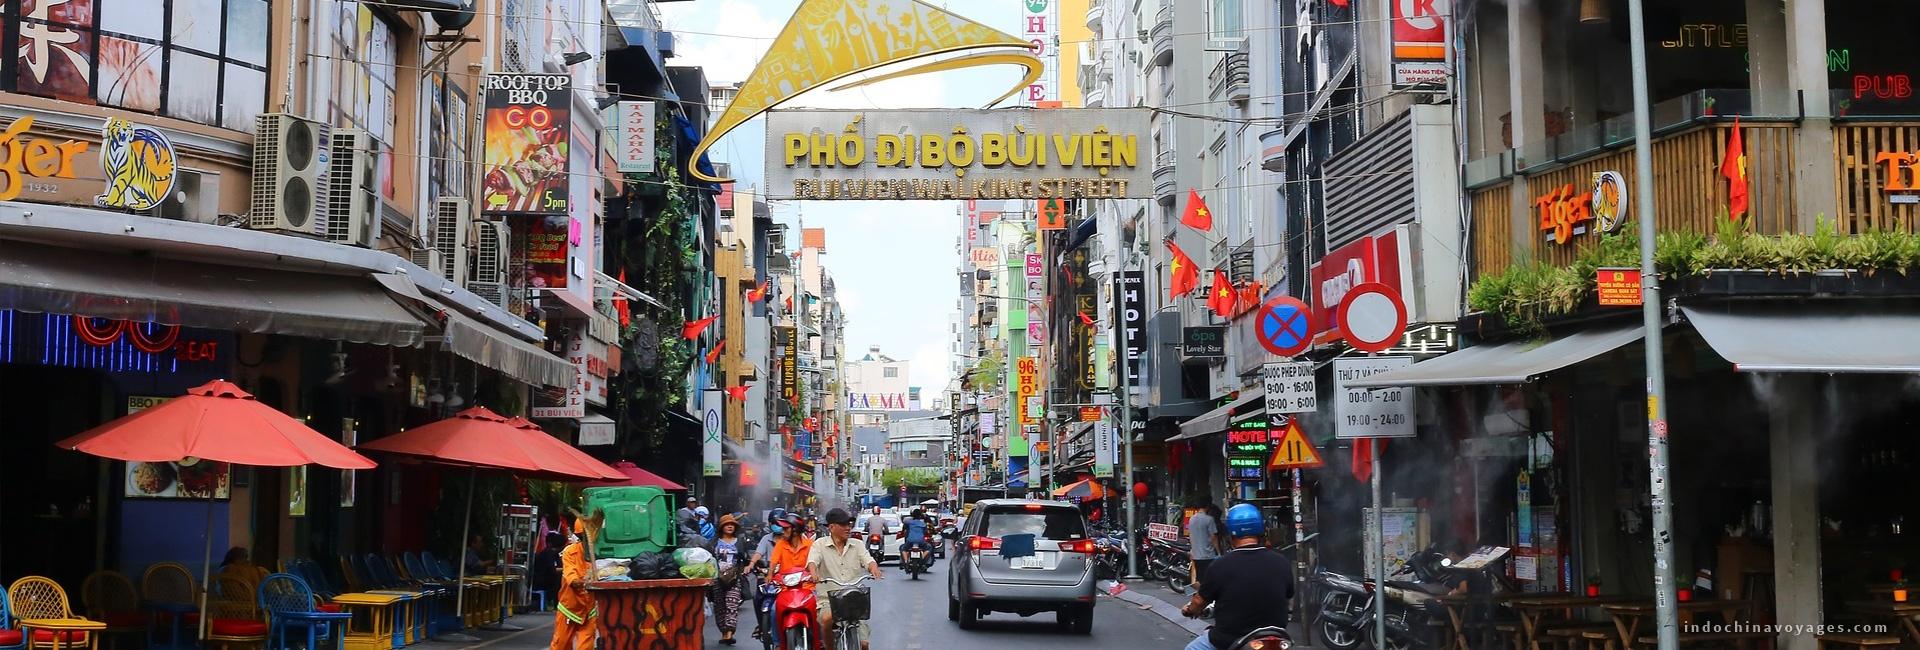 A glance of Southern Vietnam 5 Days